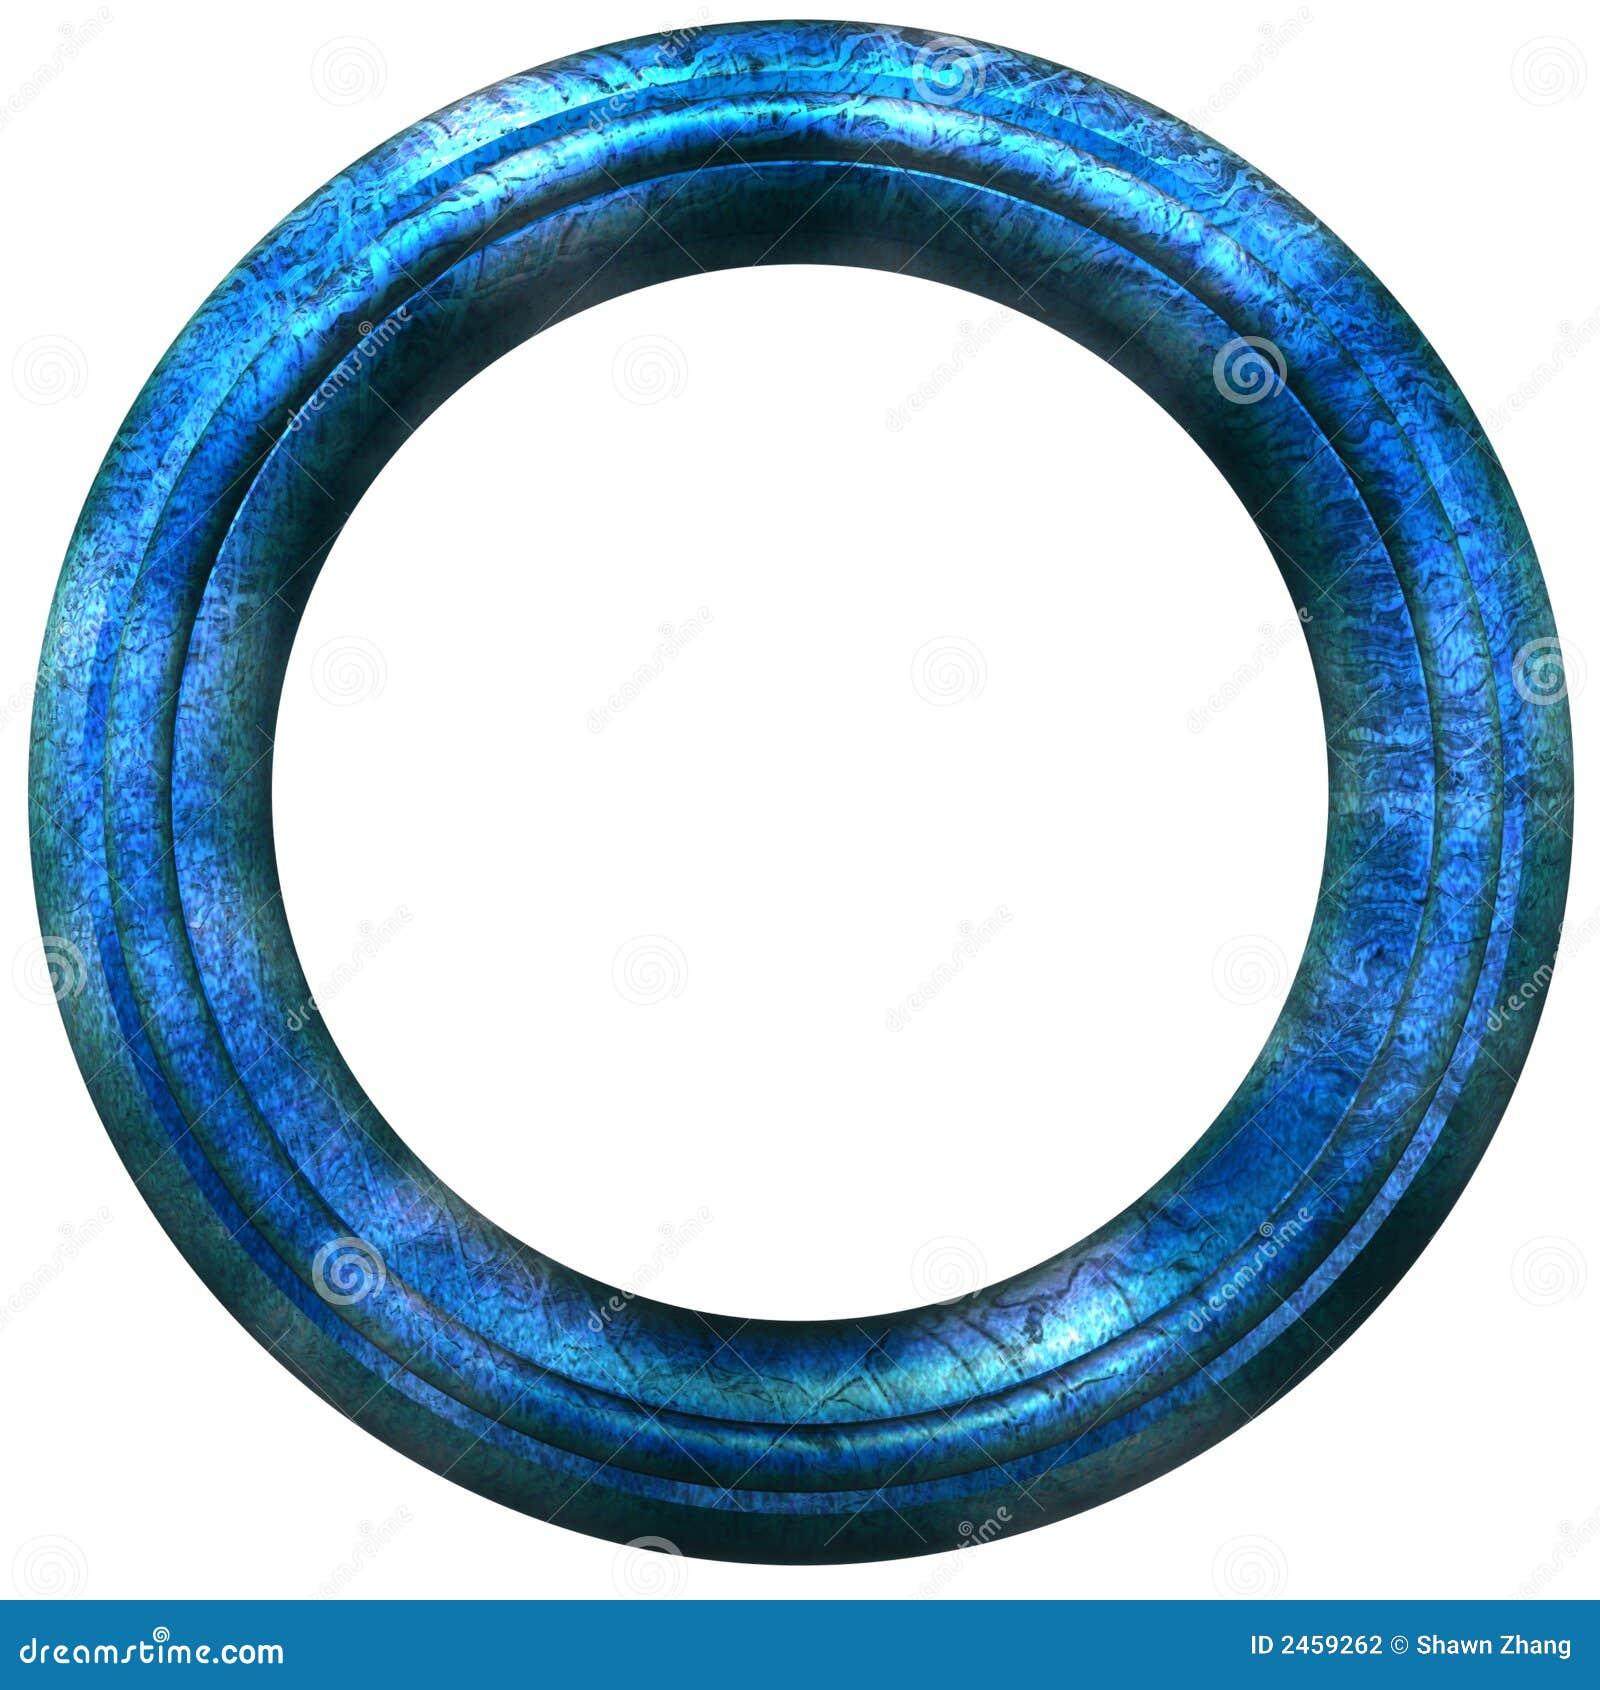 круговое изображение рамки